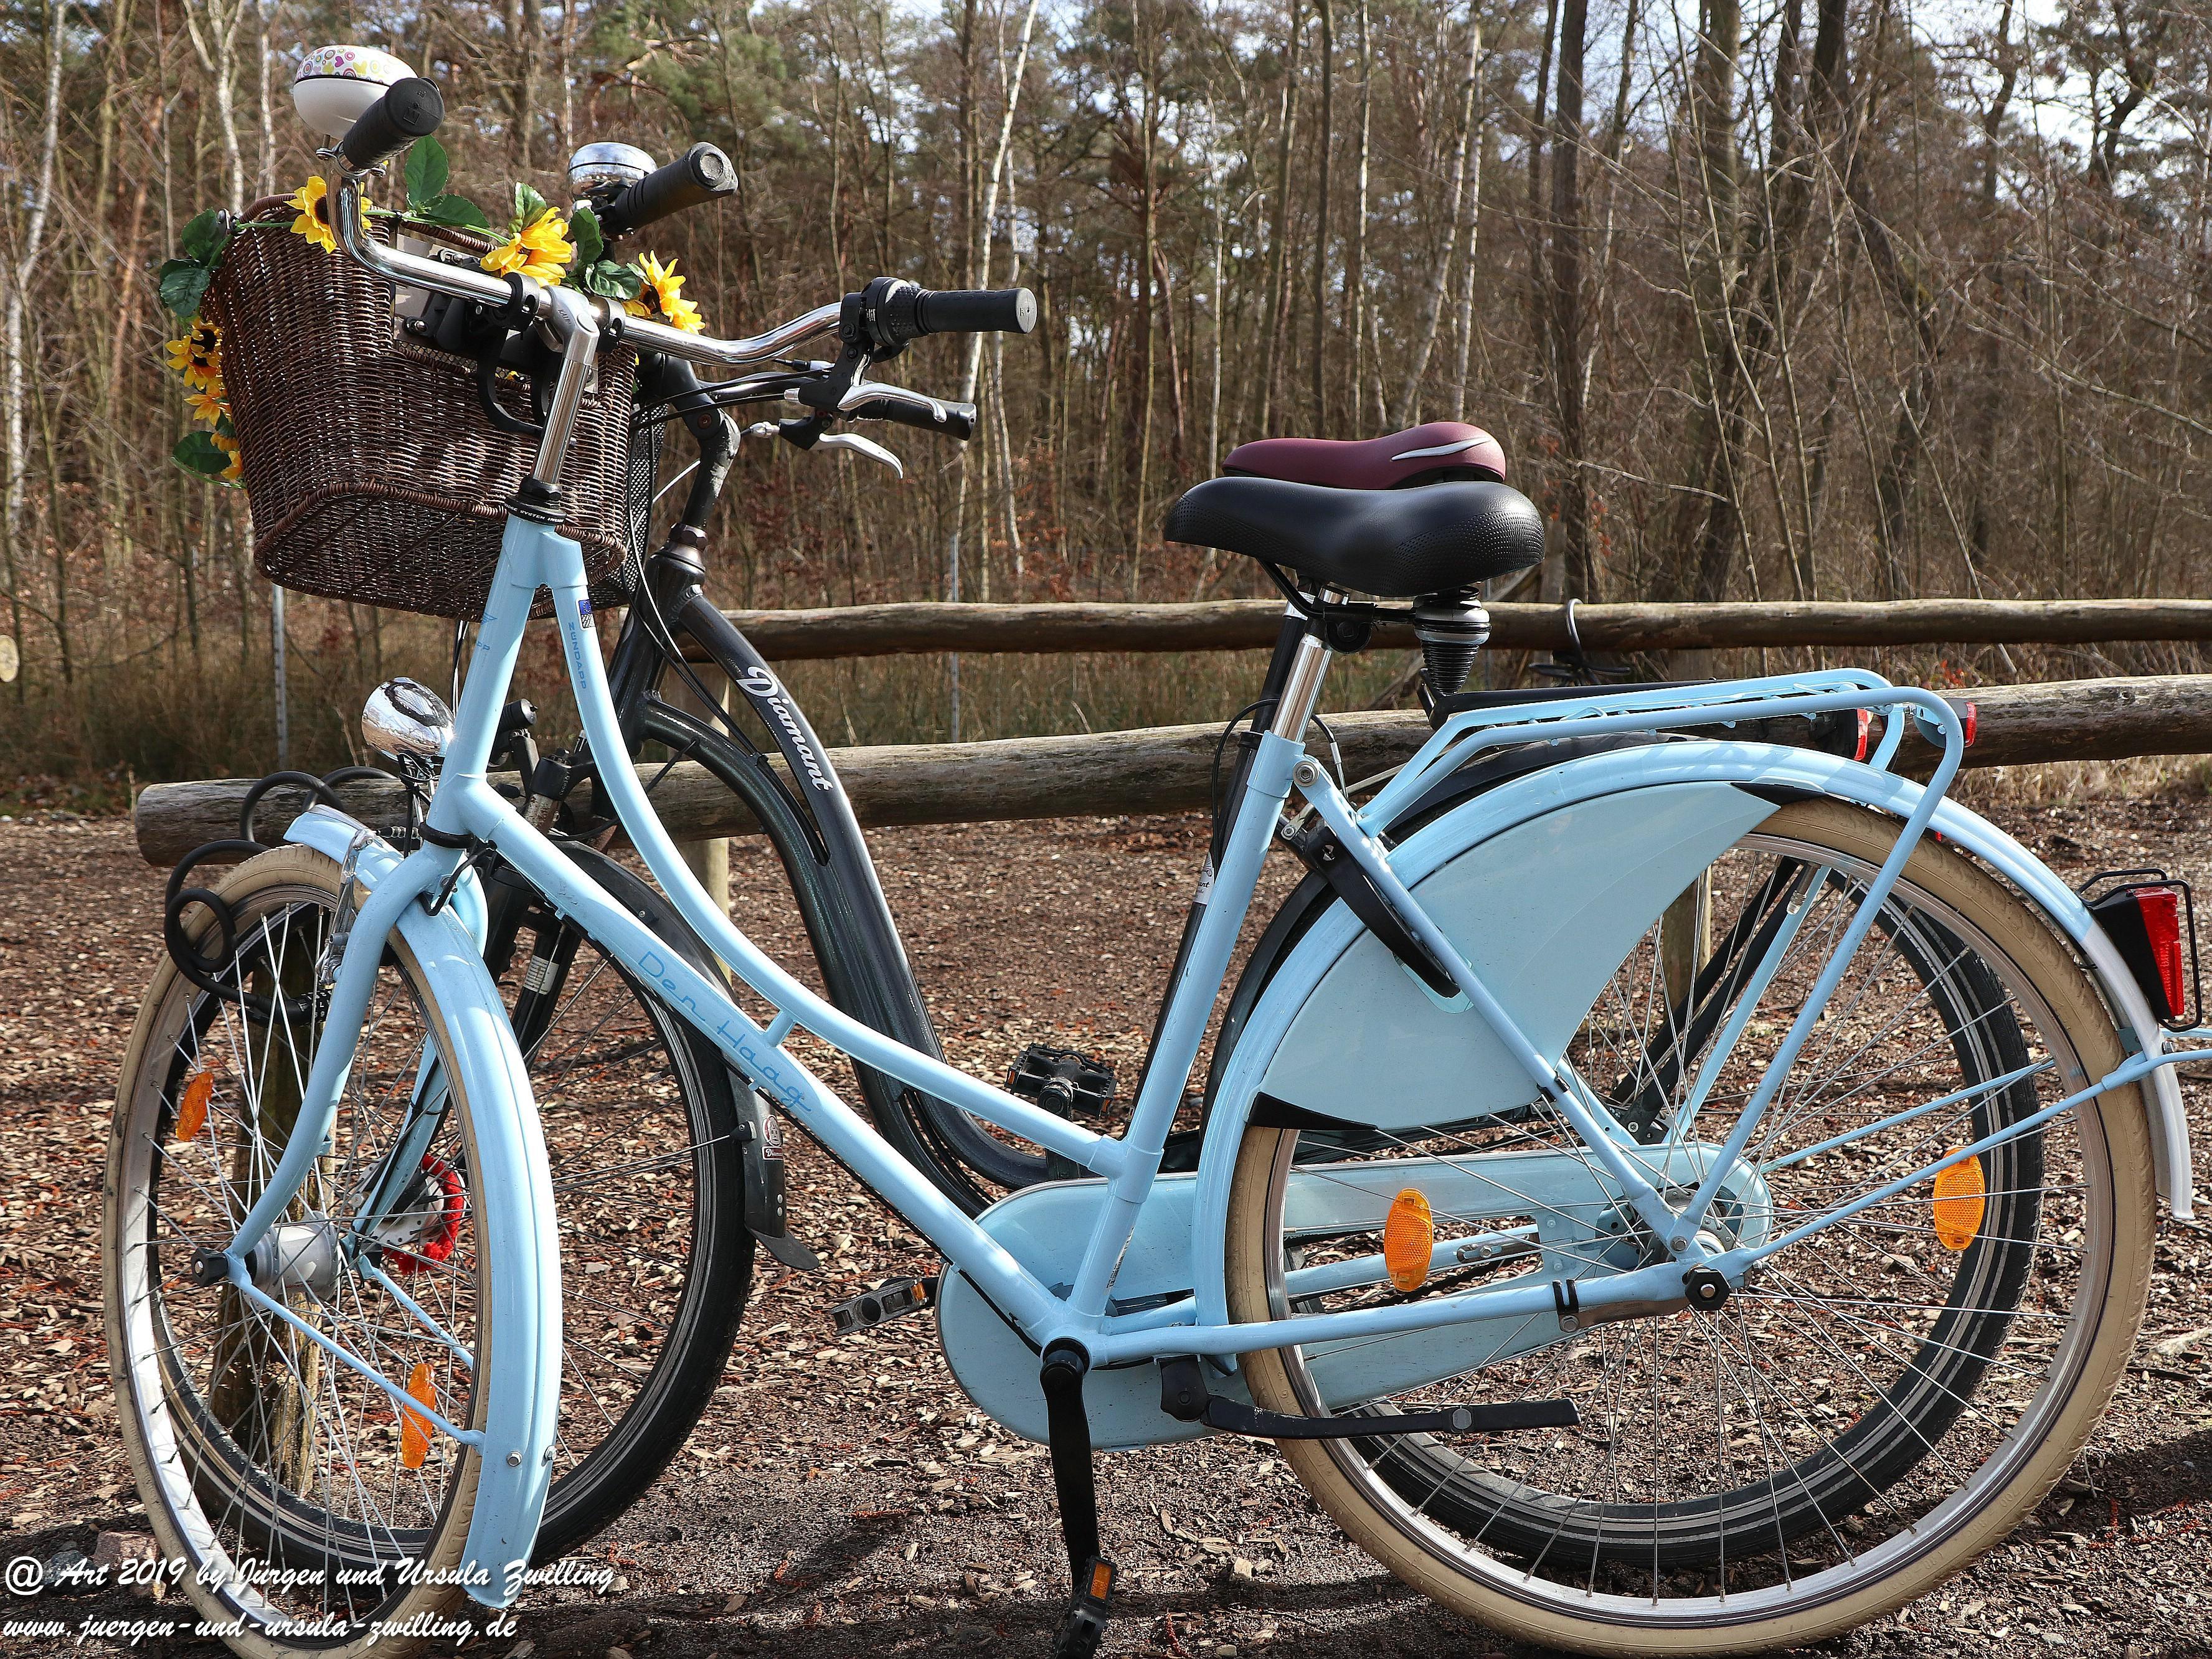 Darßer-Zwillings-Fahrräder